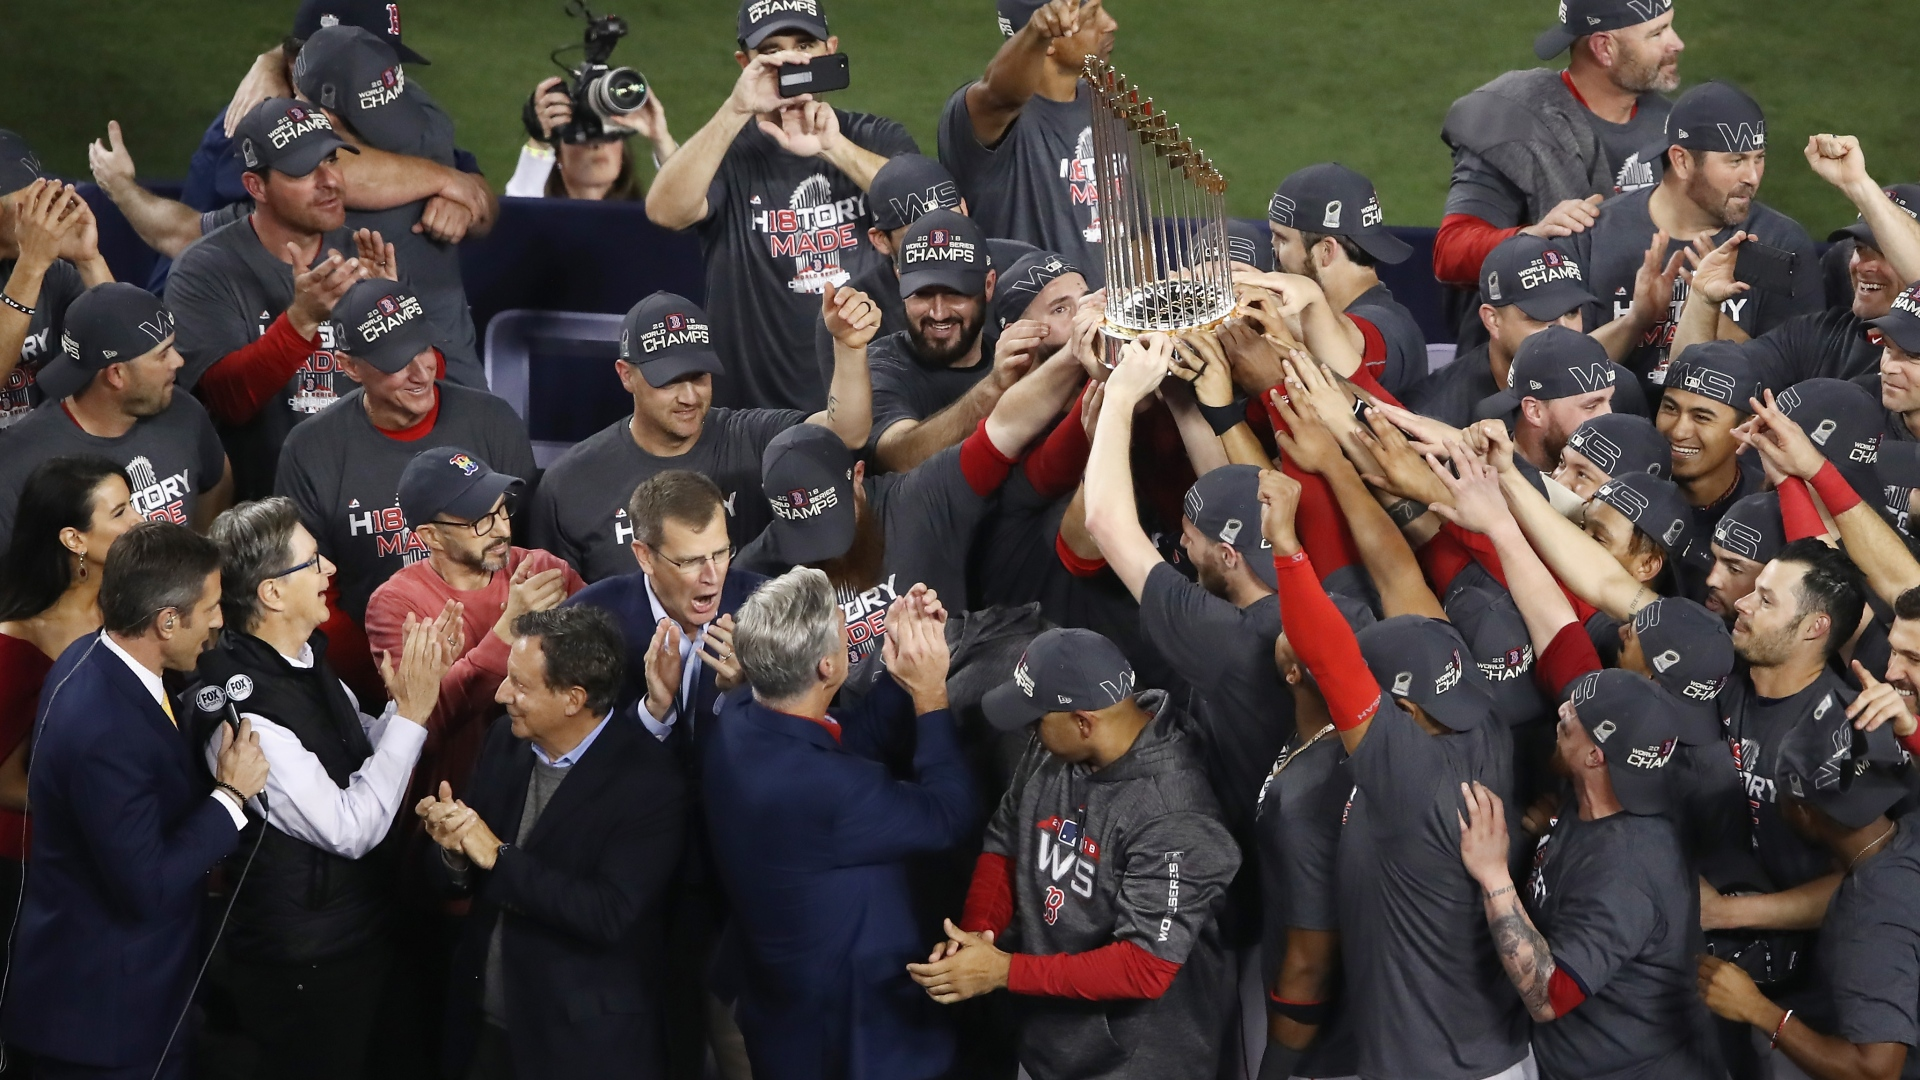 Les Red Sox de Boston sont champions de la Série mondiale